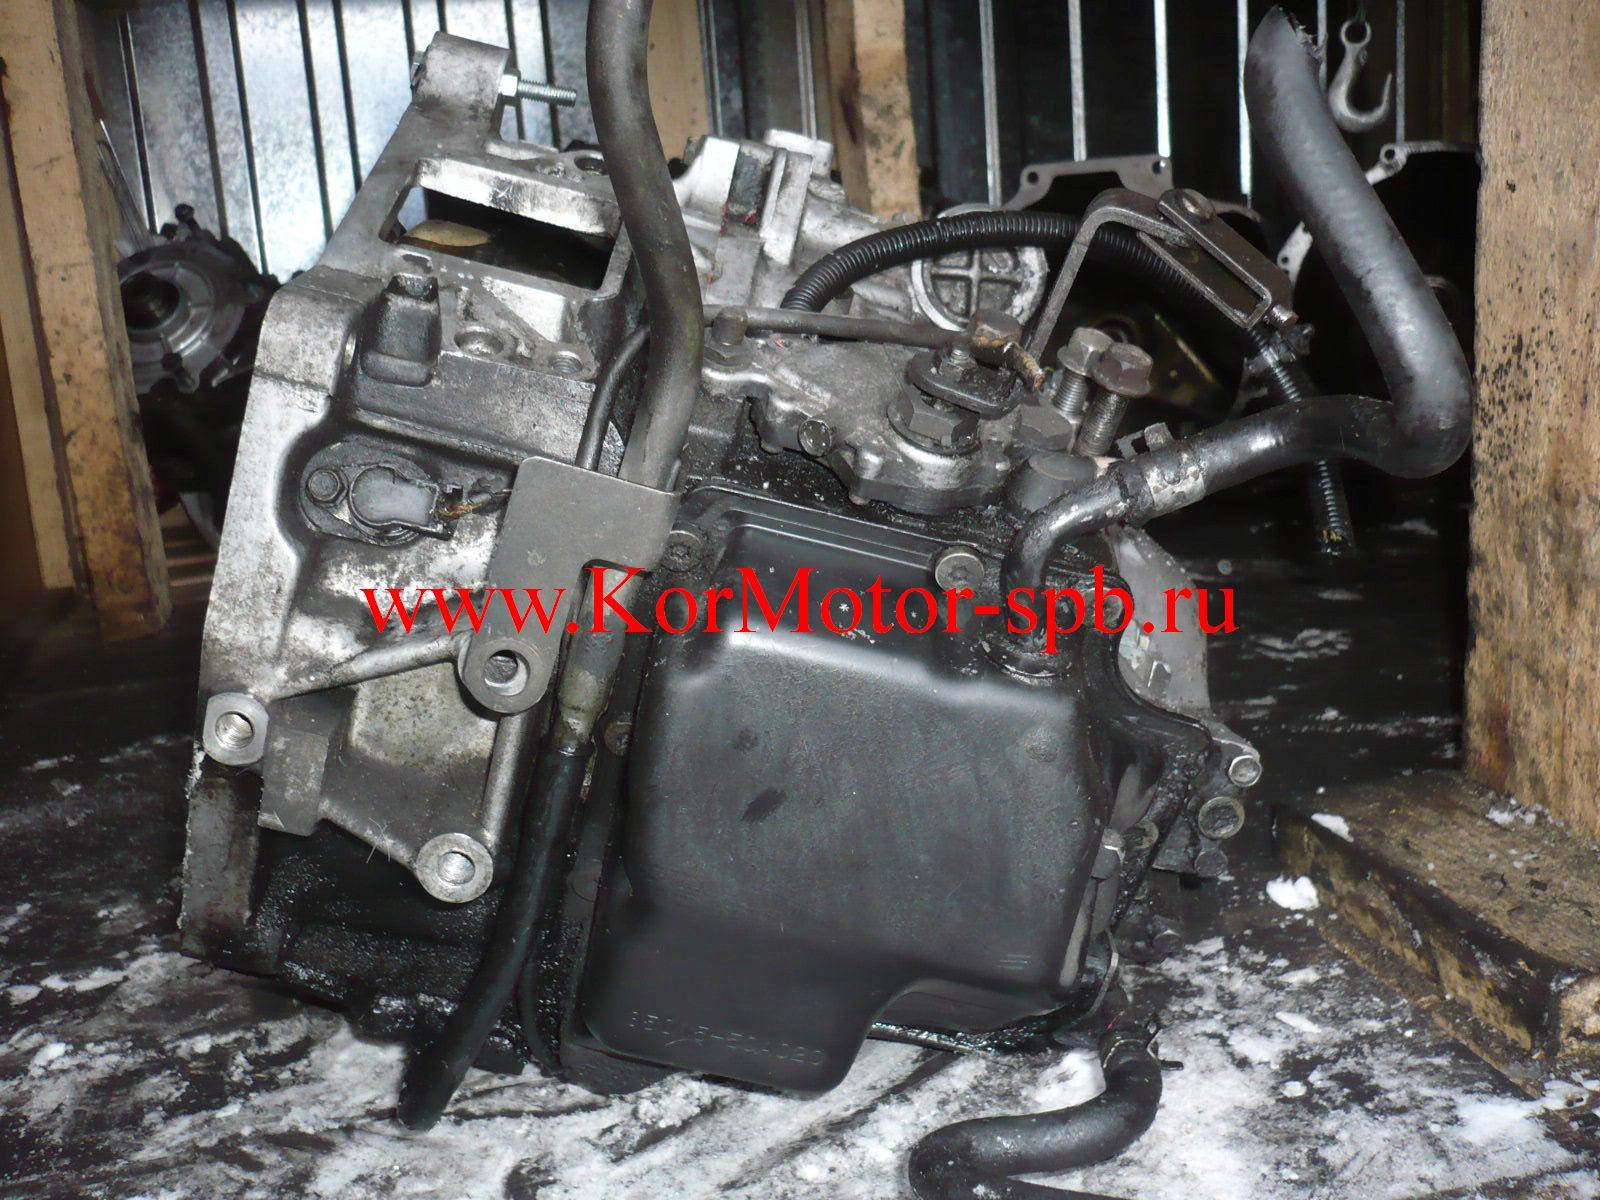 АКПП автомат для Киа Карнивал, Kia Carnival 2.5 V6 AW50-40LE 0k55819090